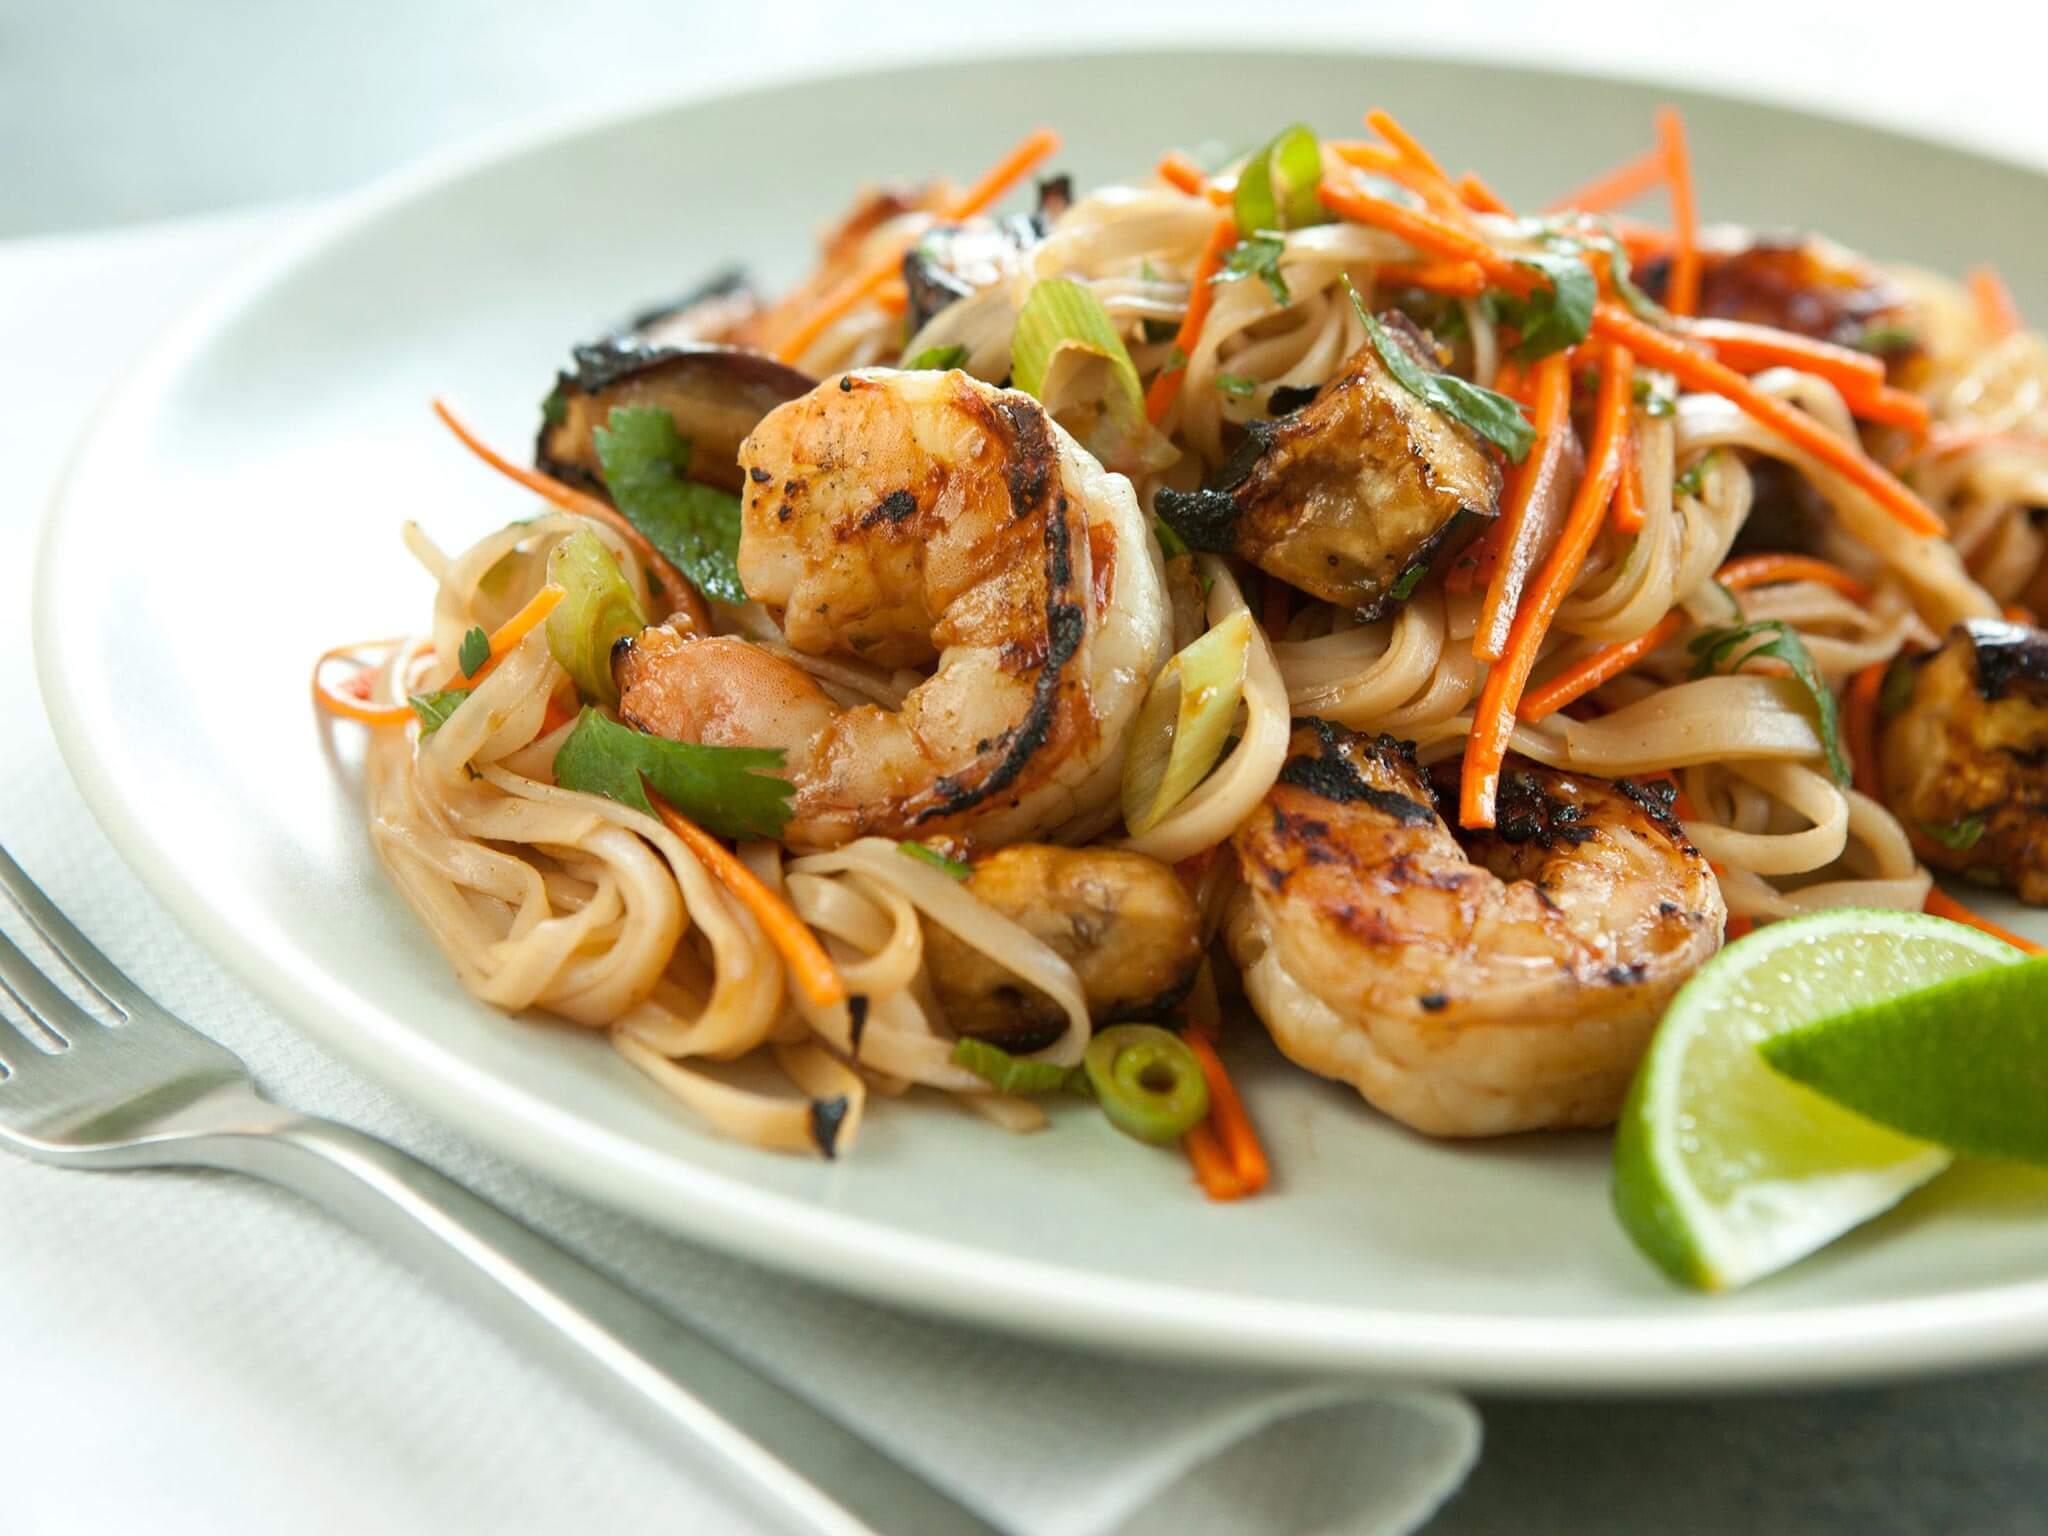 Grilled Shrimp and Eggplant Summer Noodle Bowls